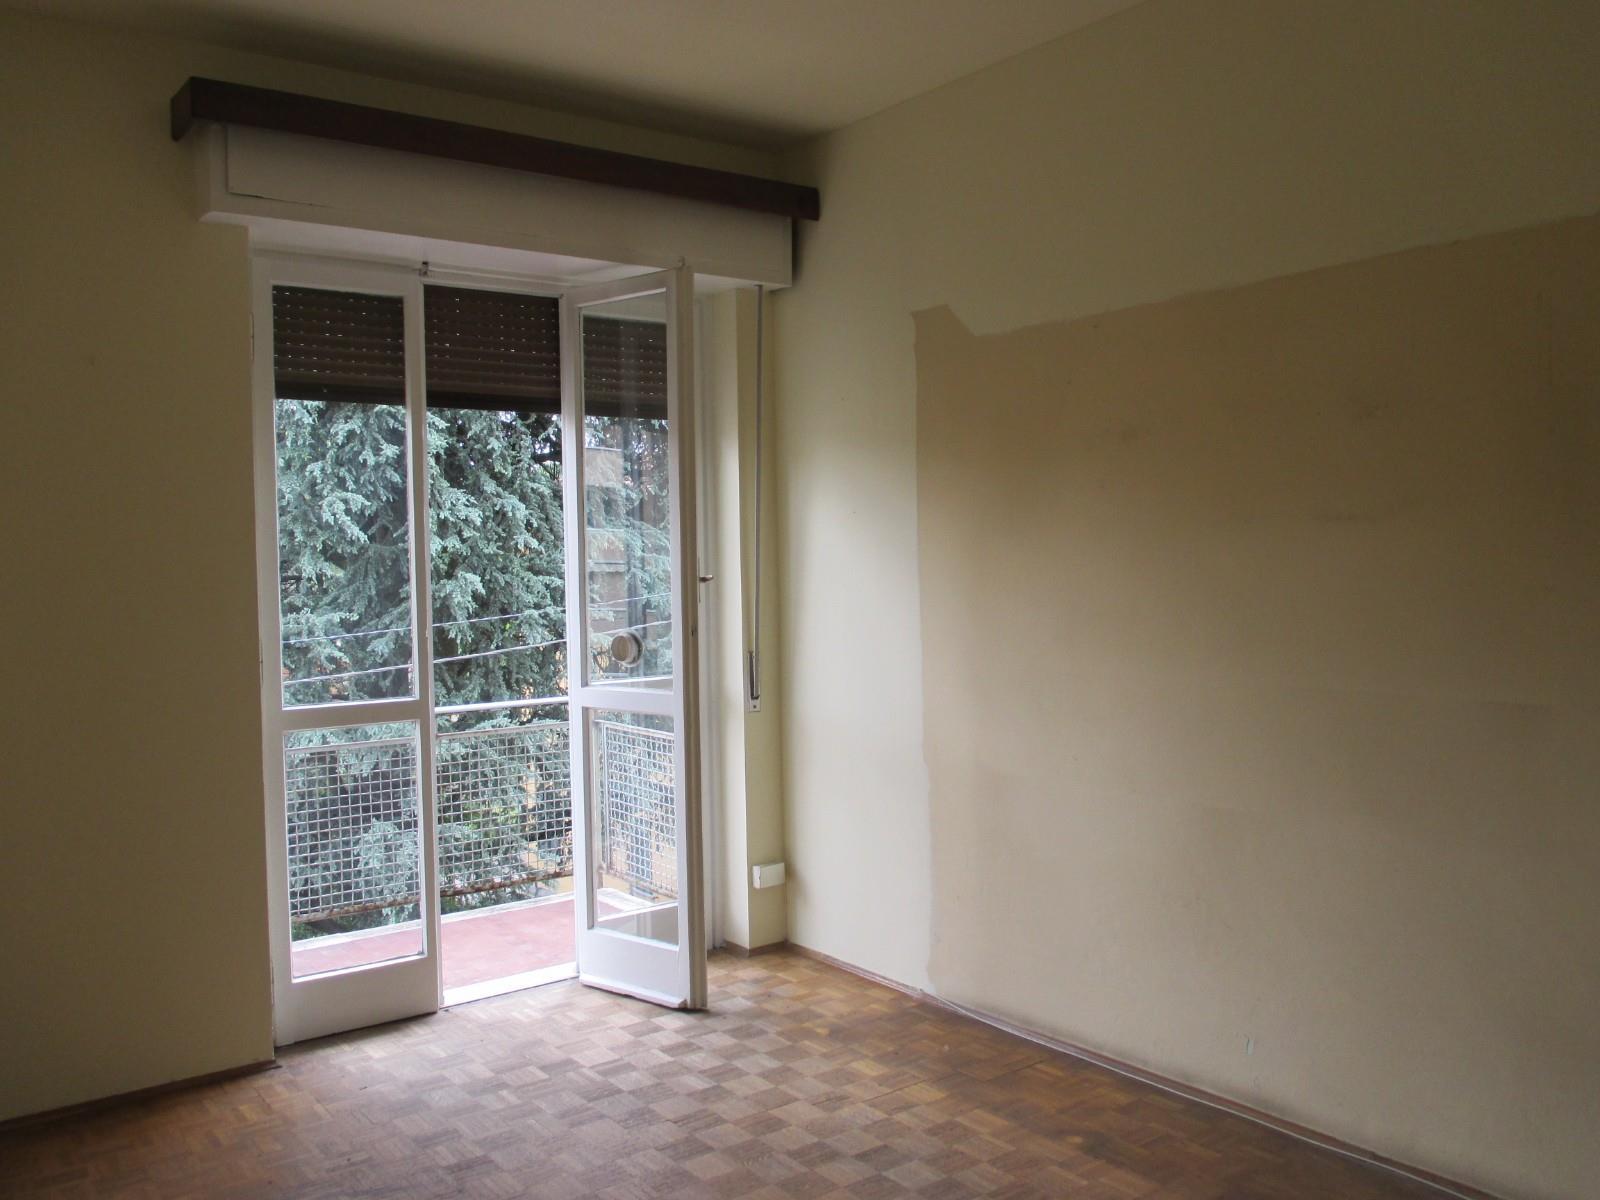 Foto 4 - Appartamento in Vendita - Seveso (Monza e Brianza)